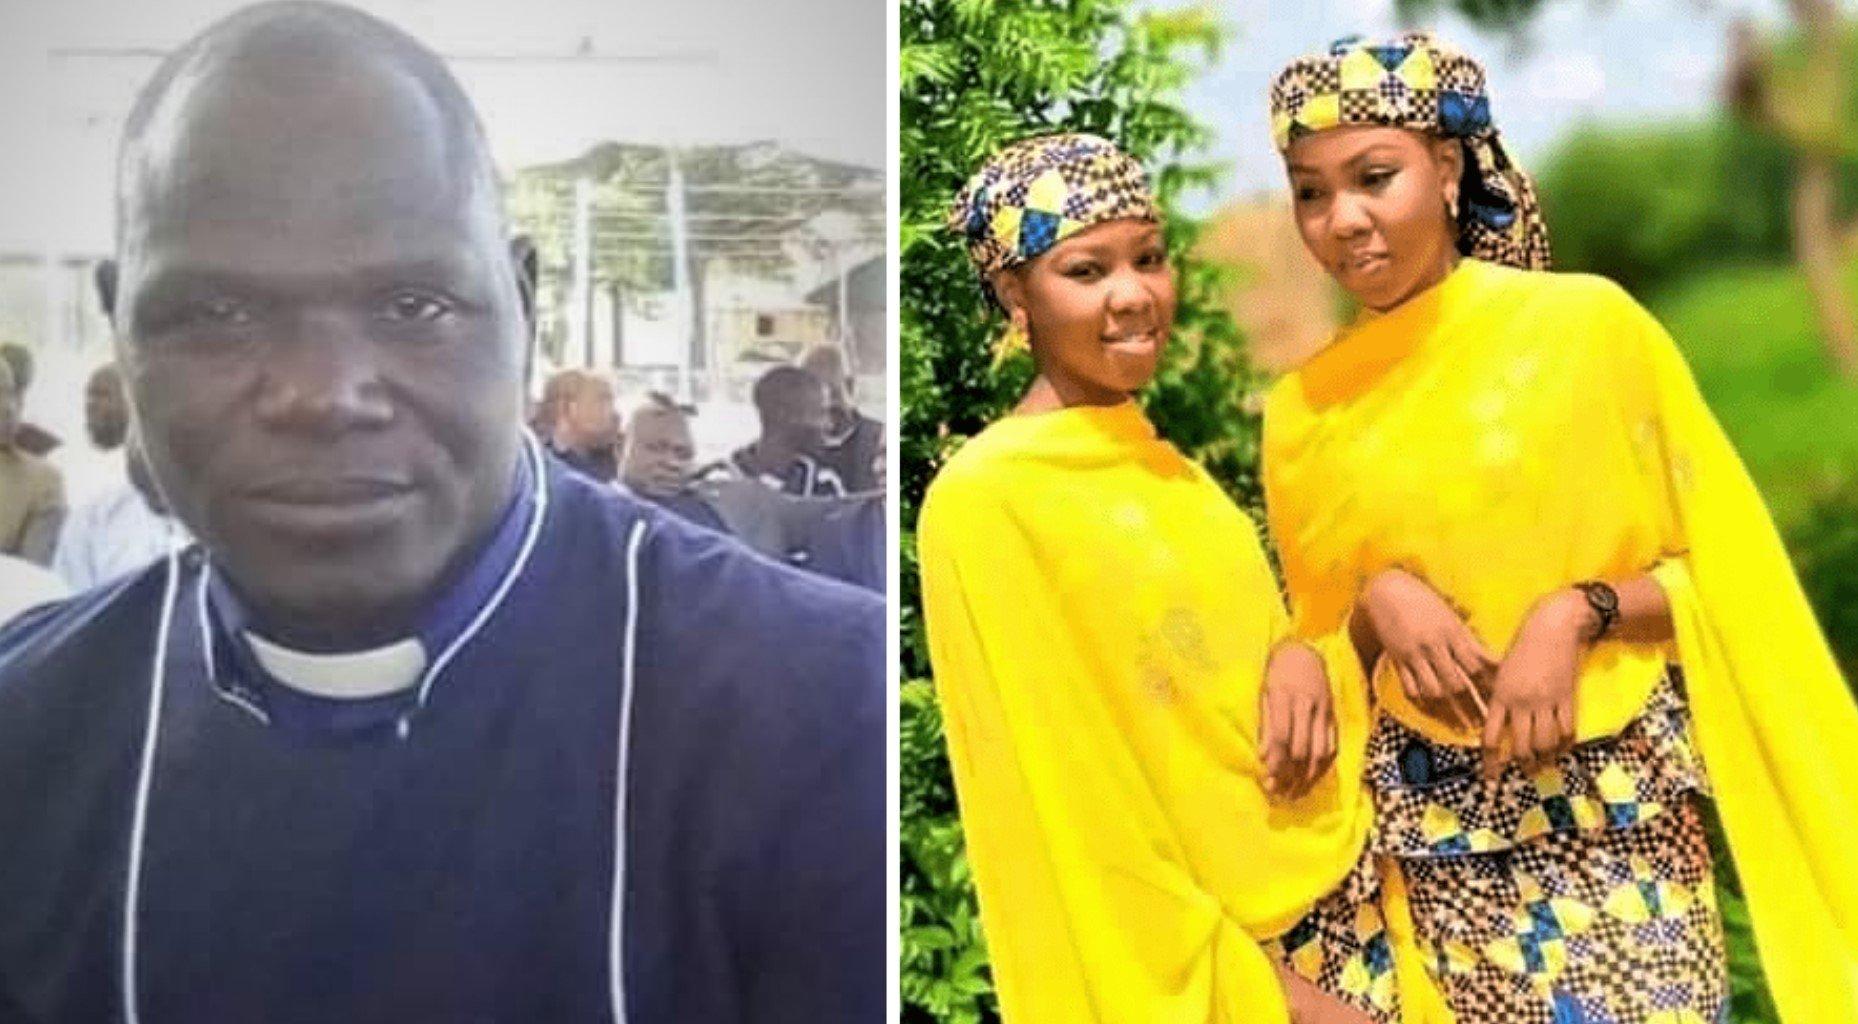 Radicais muçulmanos sequestram gêmeas cristãs e matam pastor e 3 fiéis, na Nigéria